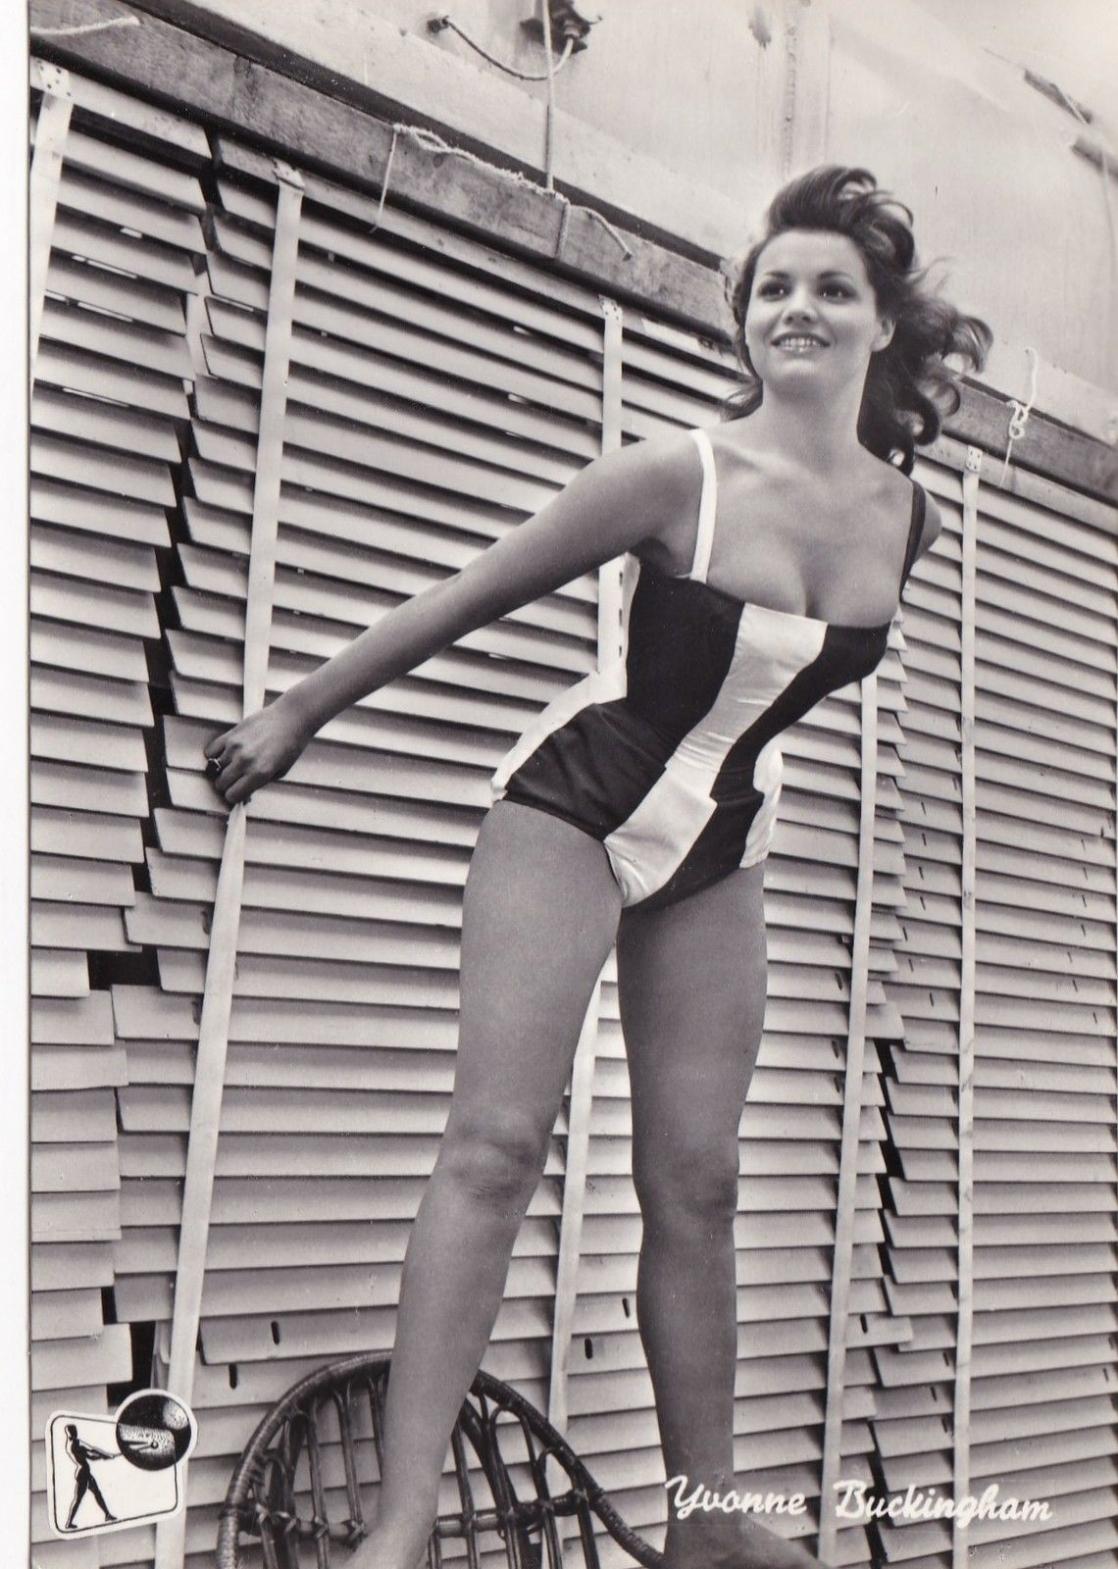 Yvonne Buckingham nude photos 2019